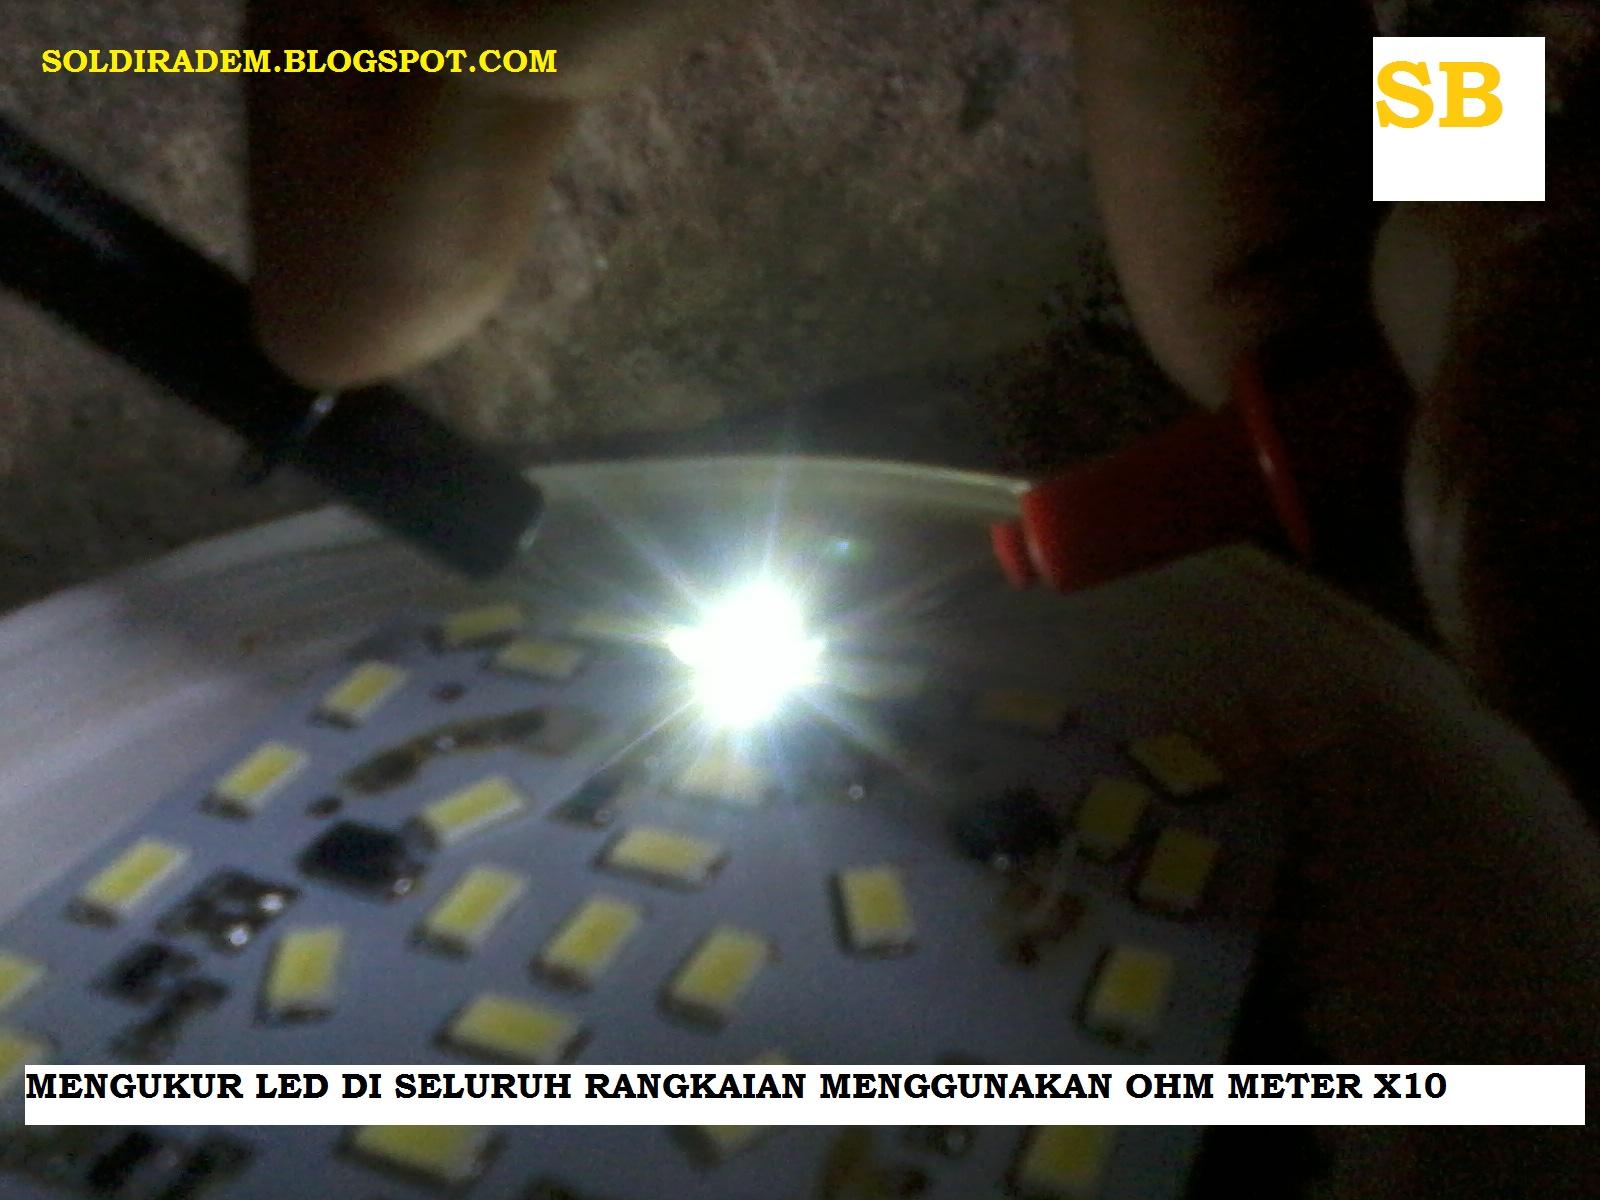 Trik Sederhana Memperbaiki Lampu Led Yang Rusak Soldiradem Blog